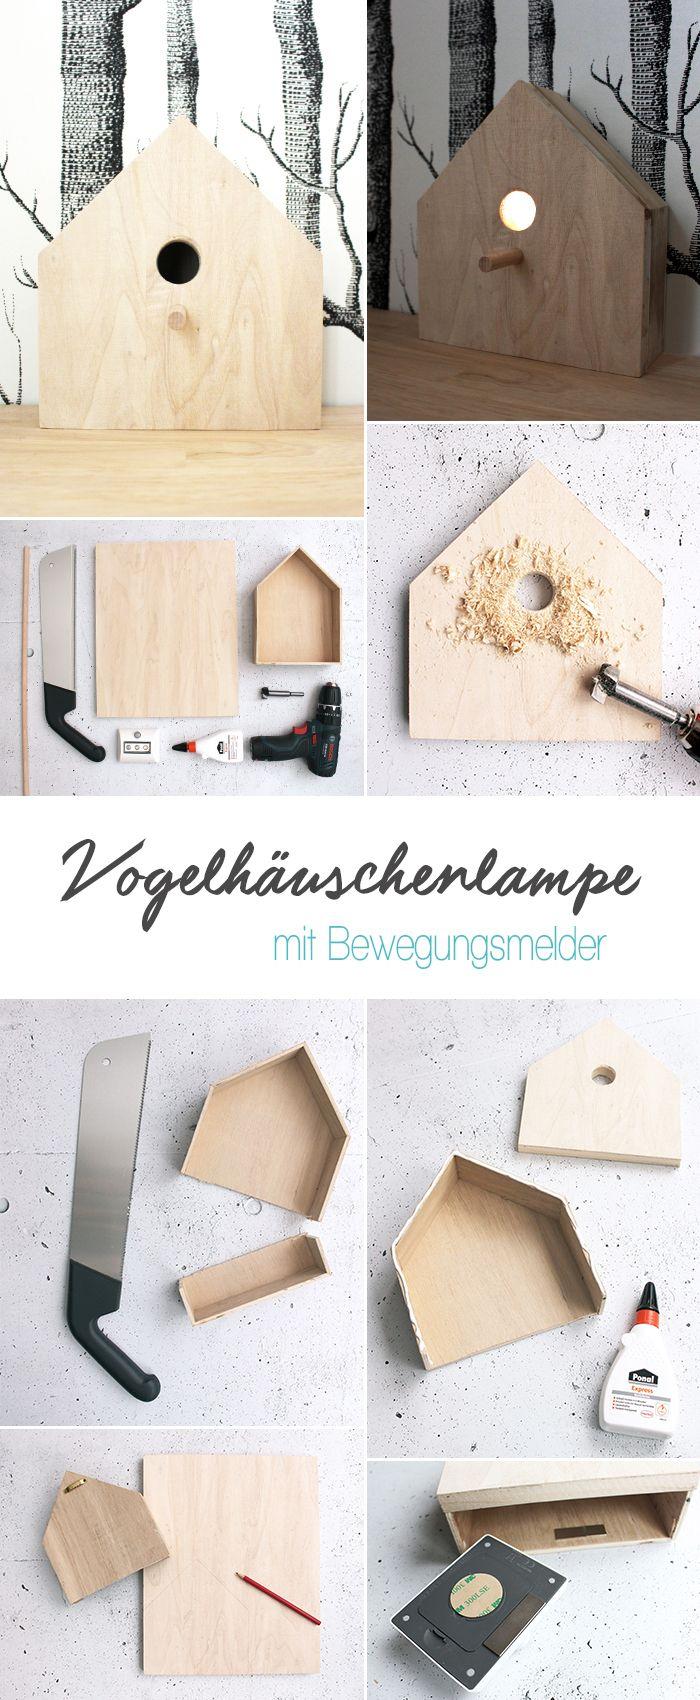 1000 ideen zu vogelhaus bauen auf pinterest futterhaus f r v gel vogelfutterhaus bauen und. Black Bedroom Furniture Sets. Home Design Ideas